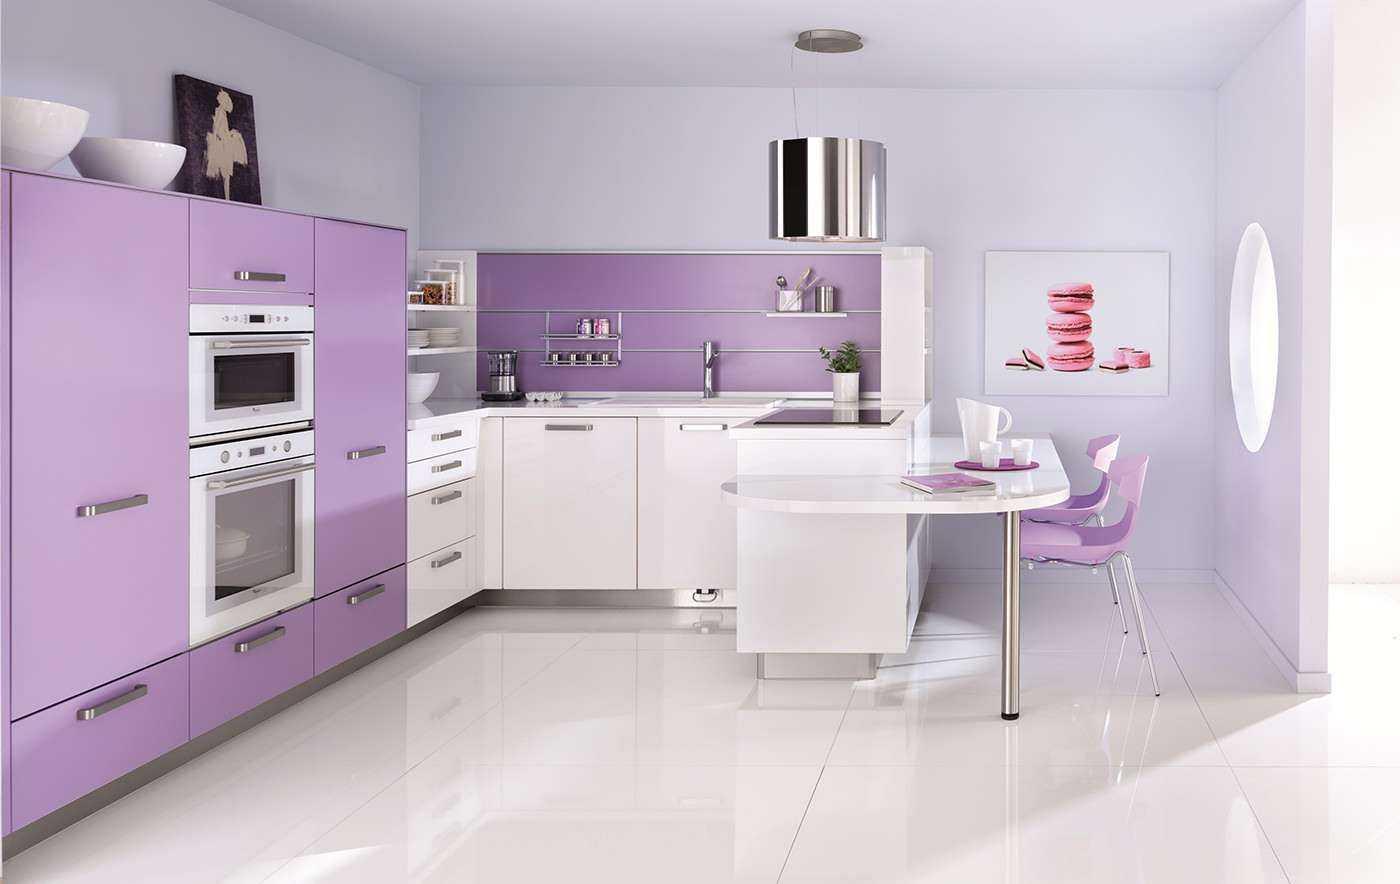 Сиреневая кухня: 50 фото идей дизайна кухонного помещения и гарнитура